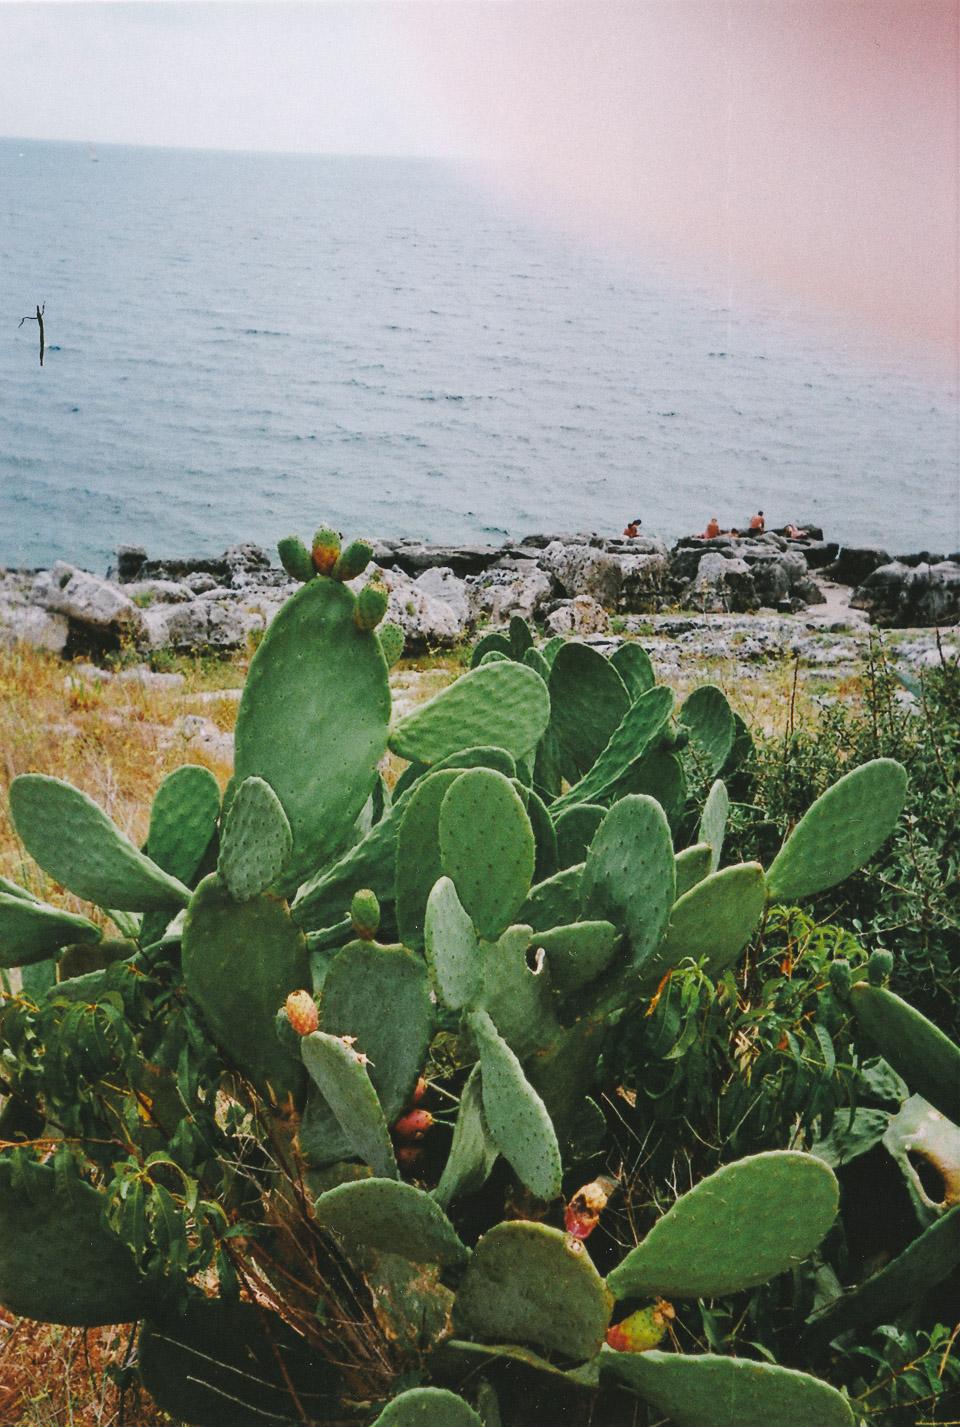 Cactus, Tricase Porto, Puglia // taken with a disposable camera